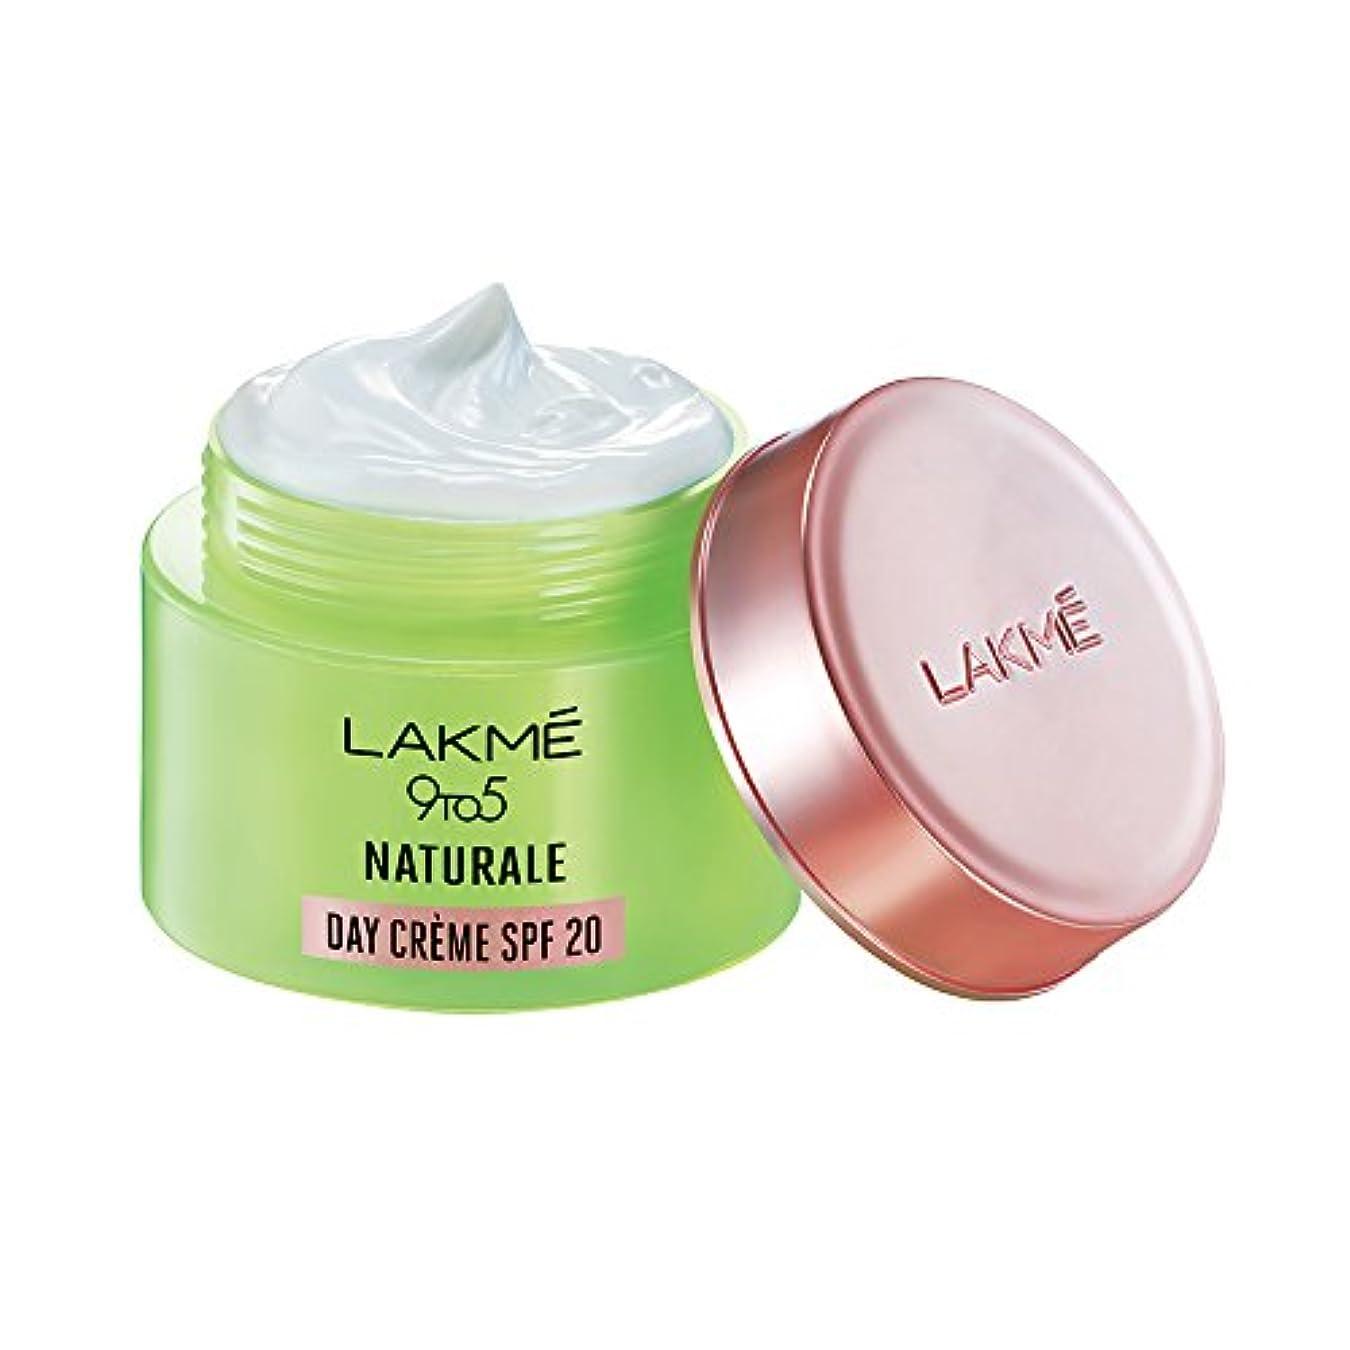 確かめるきらめき田舎Lakme 9 to 5 Naturale Day Creme SPF 20, 50 g